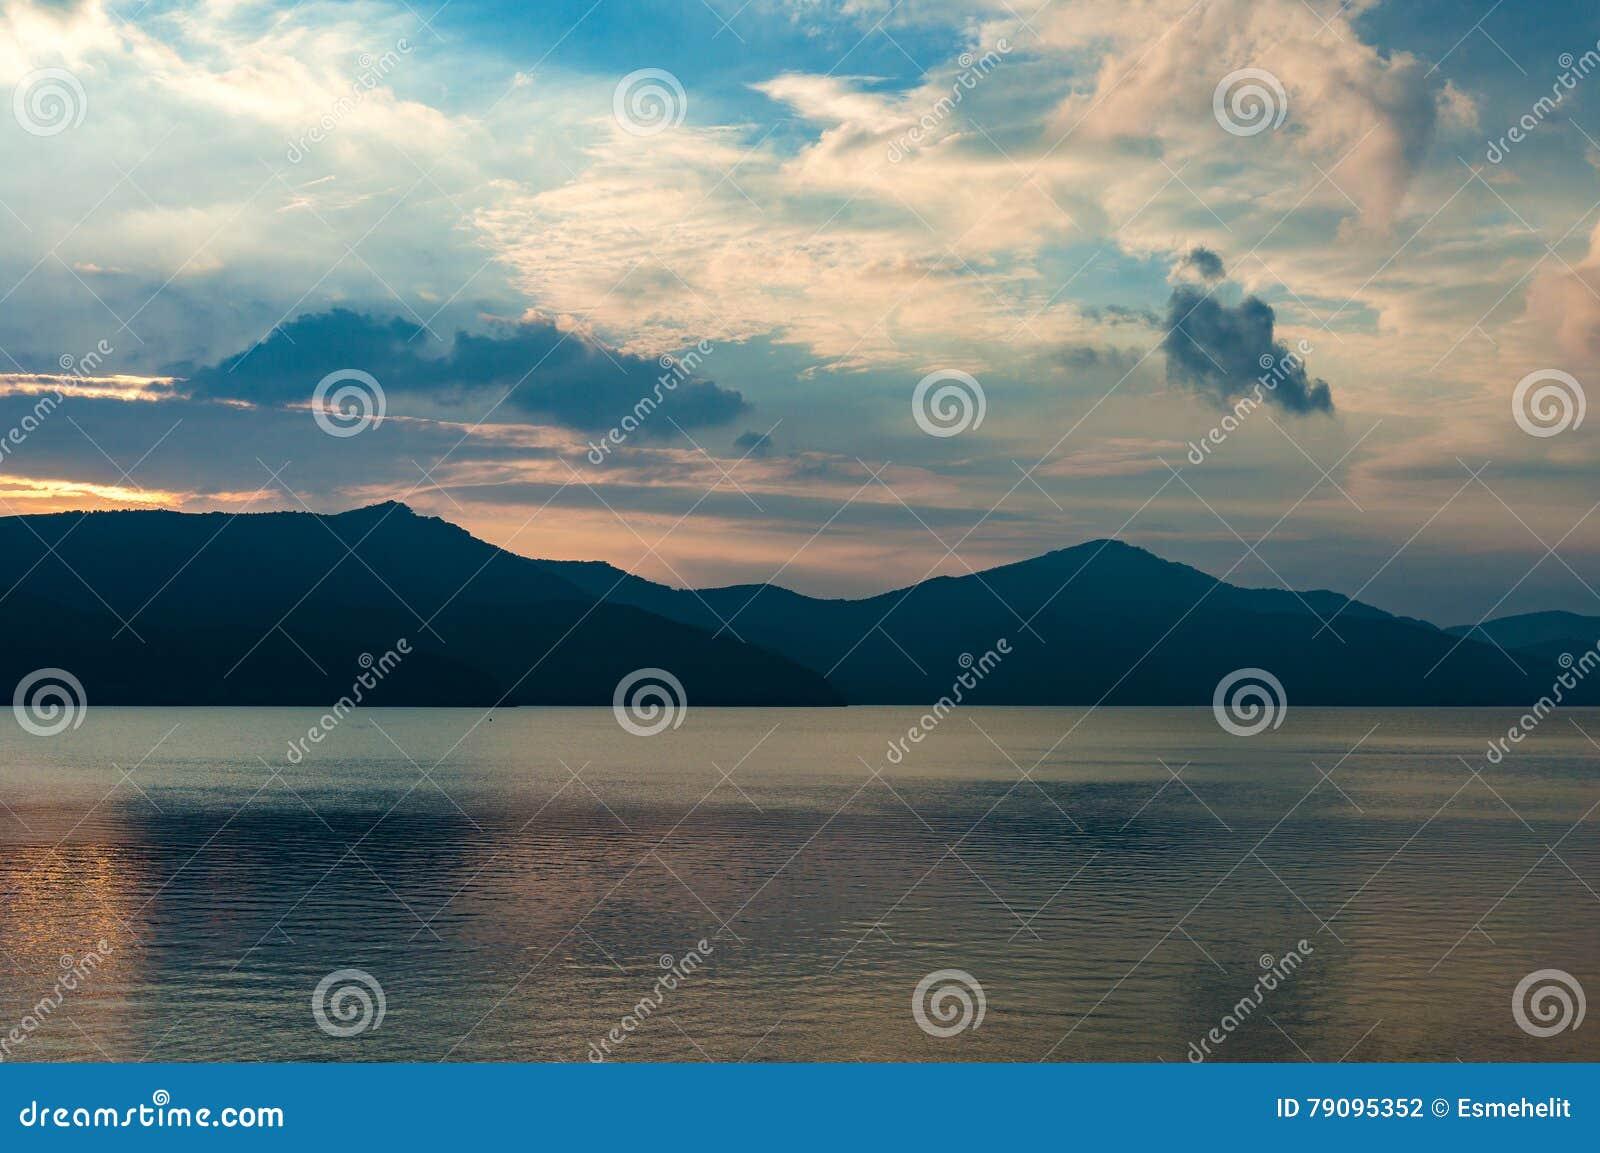 Caldera sjö på skymning med bergkonturer på bakgrunden